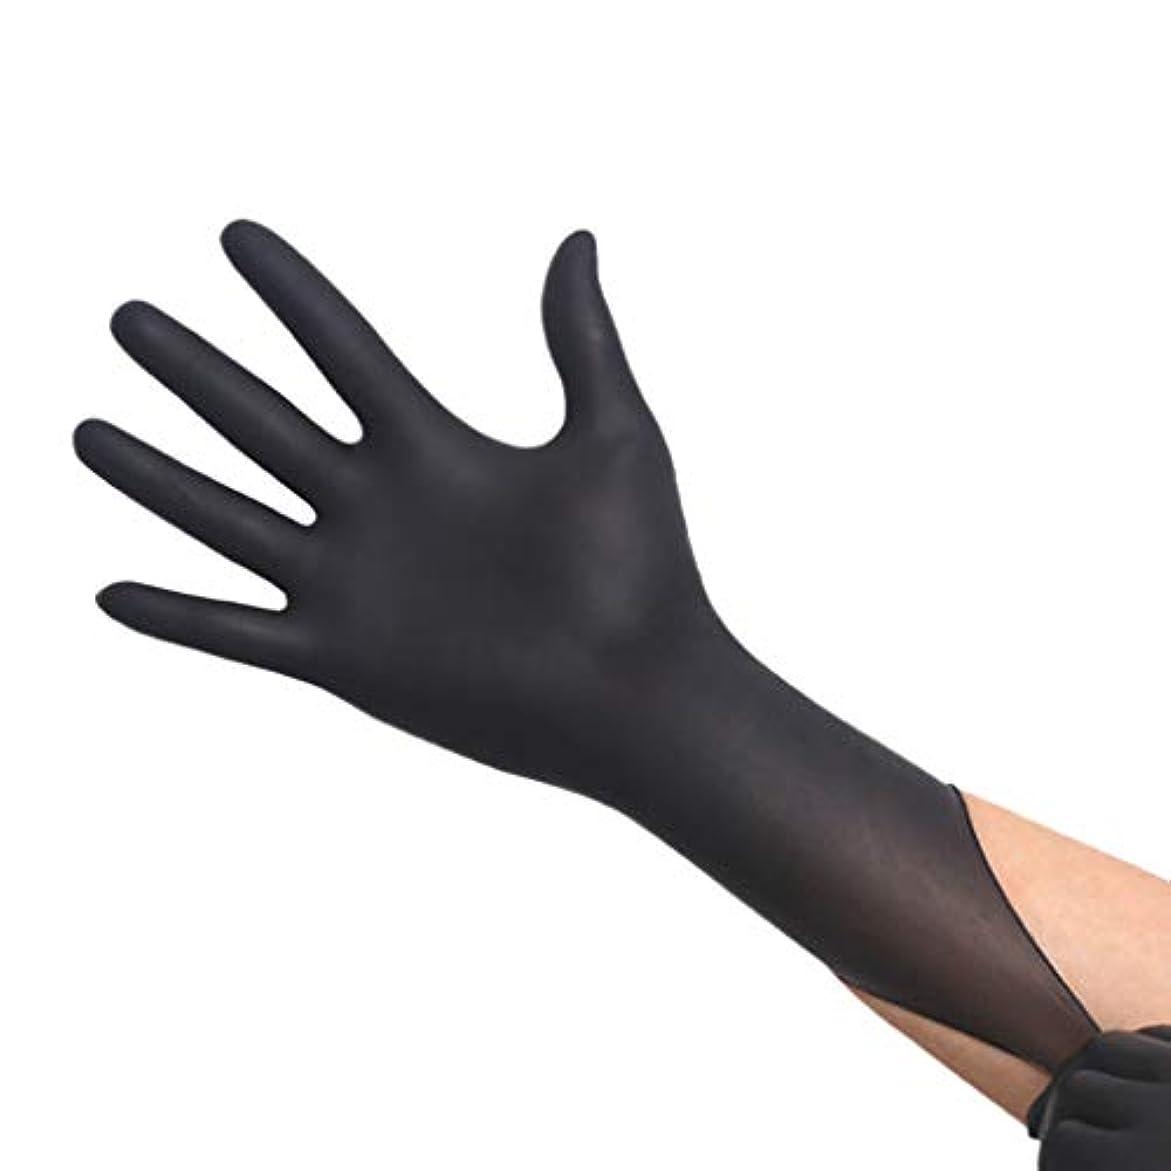 喜んで音声学著名な厚手の耐摩耗性使い捨てブラックニトリル手袋 - 耐酸性美容サロン手袋、50ペア/箱 YANW (色 : ブラック, サイズ さいず : M m)